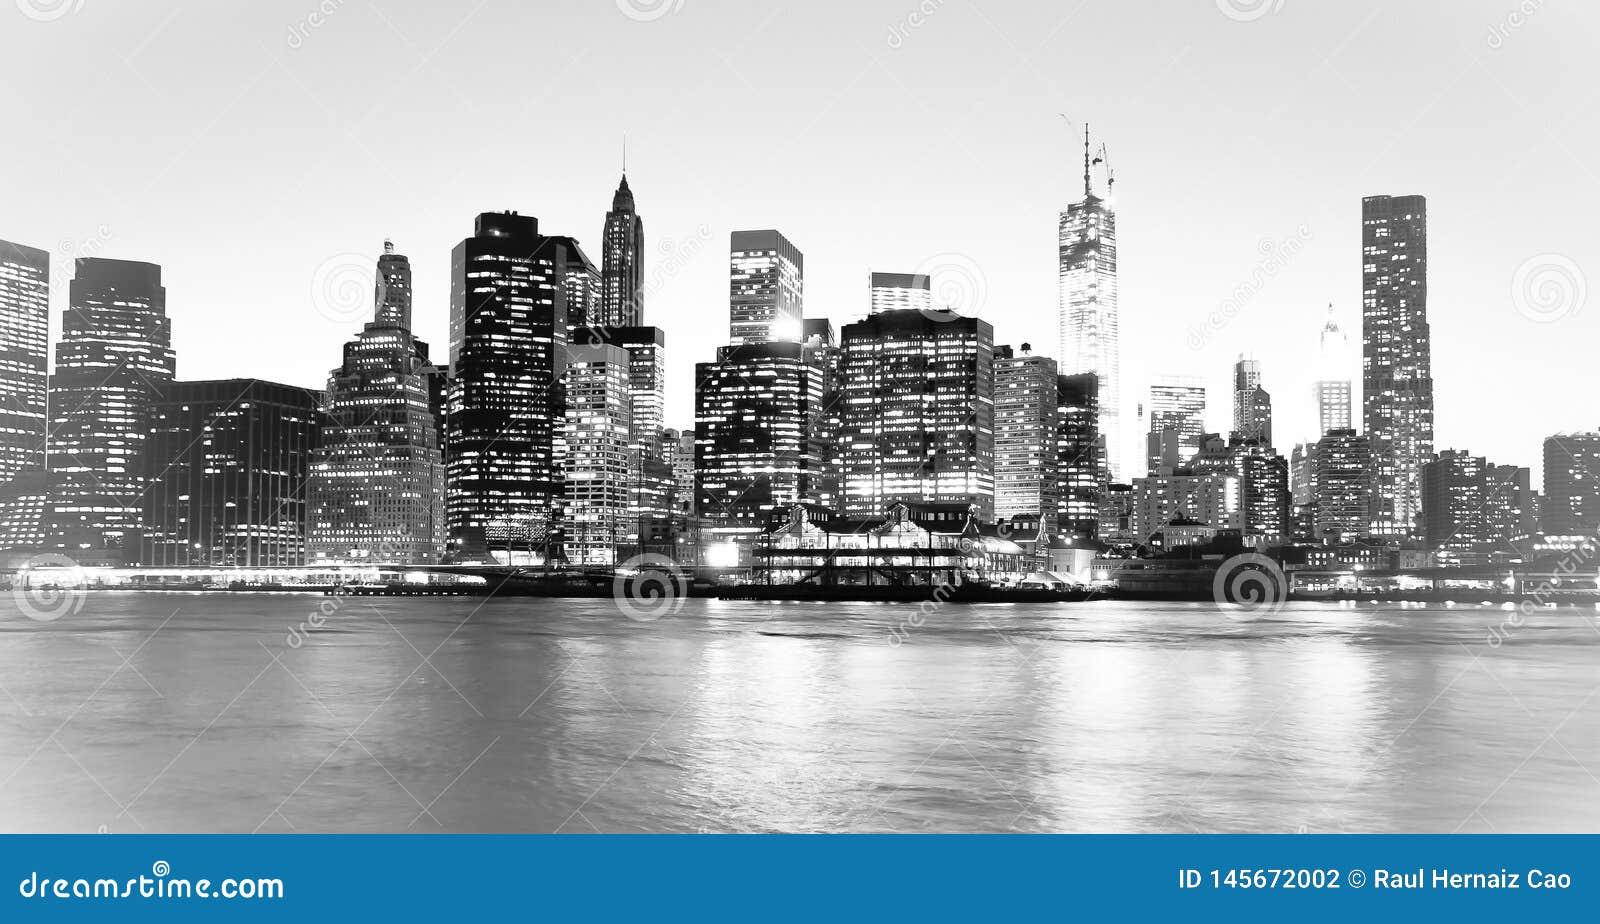 Distrito financeiro de New York e o Lower Manhattan na noite vista do parque da ponte de Brooklyn Imagem preto e branco chave alt